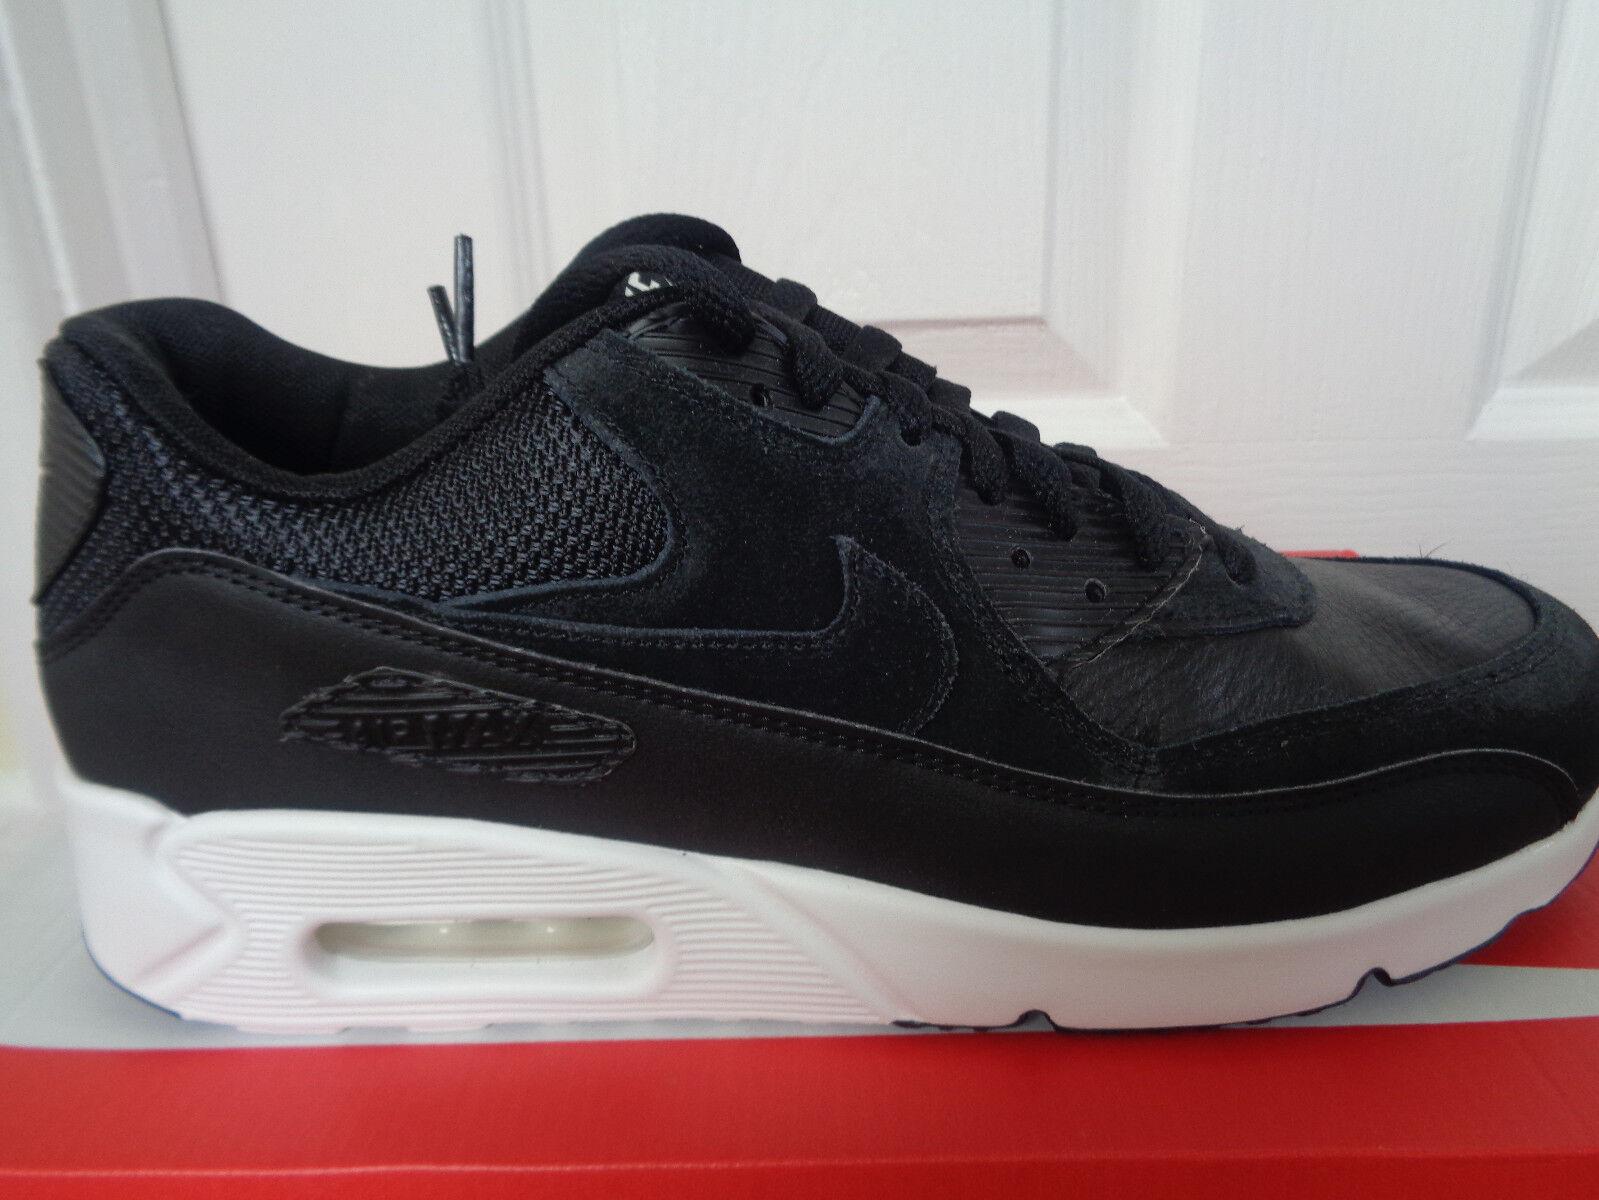 Nike air max 90 ultra   2,0 ltr ltr ltr formatori 934447 001 eu 43 noi 9,5 nuovi   box   modello di moda    Gentiluomo/Signora Scarpa  f9aa36